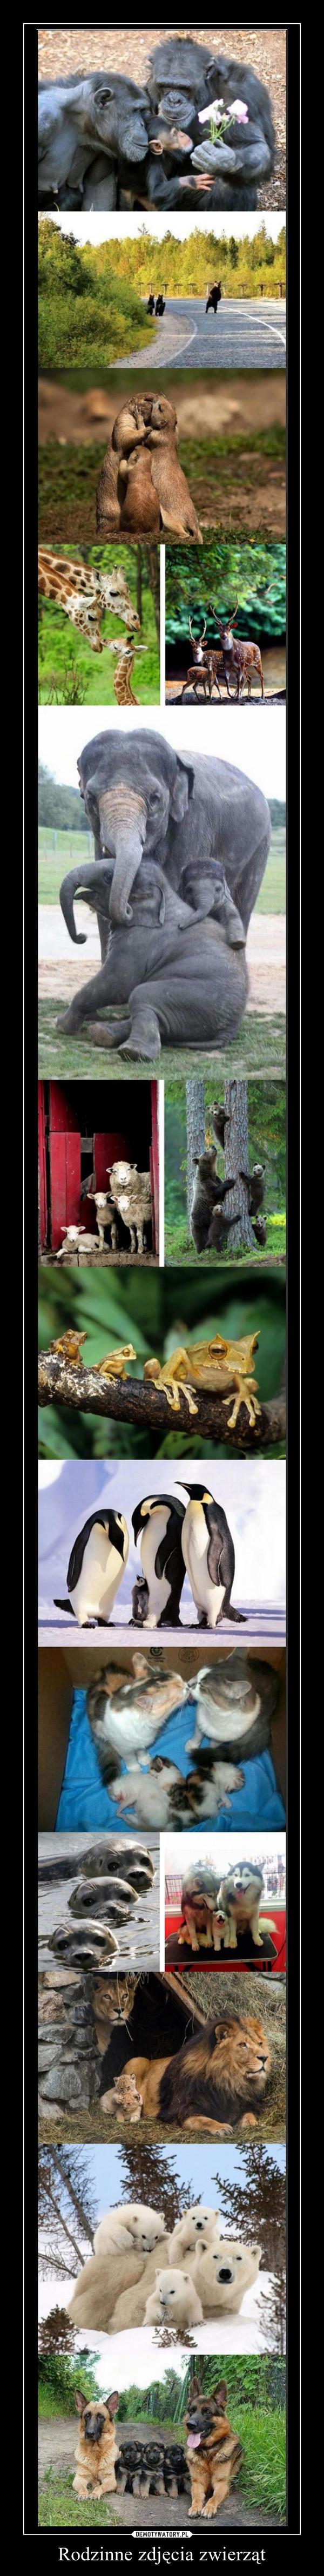 Rodzinne zdjęcia zwierząt –